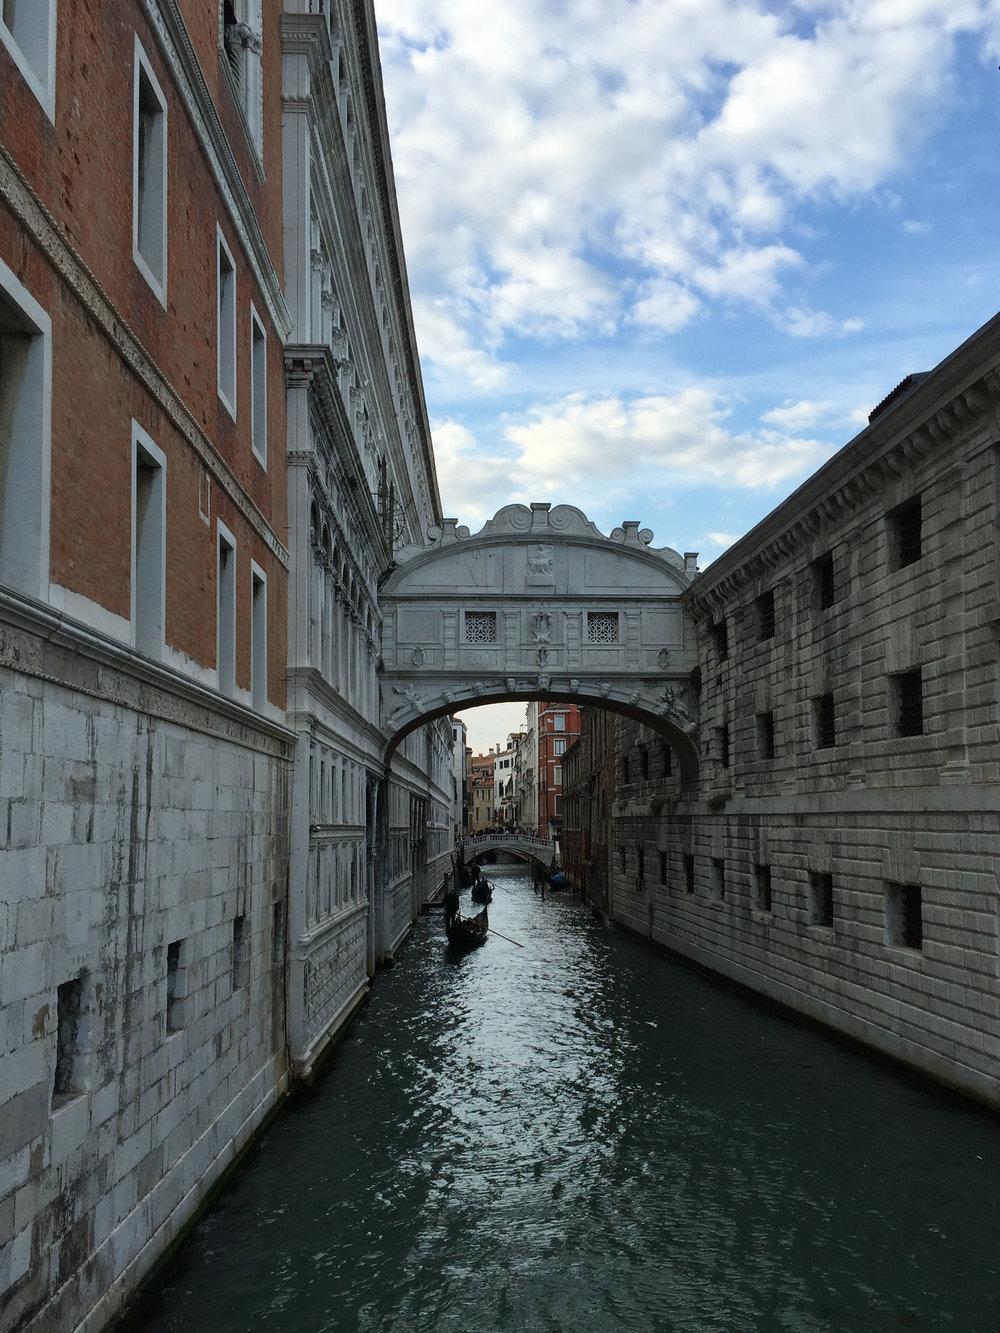 Venice, Italy, 2016